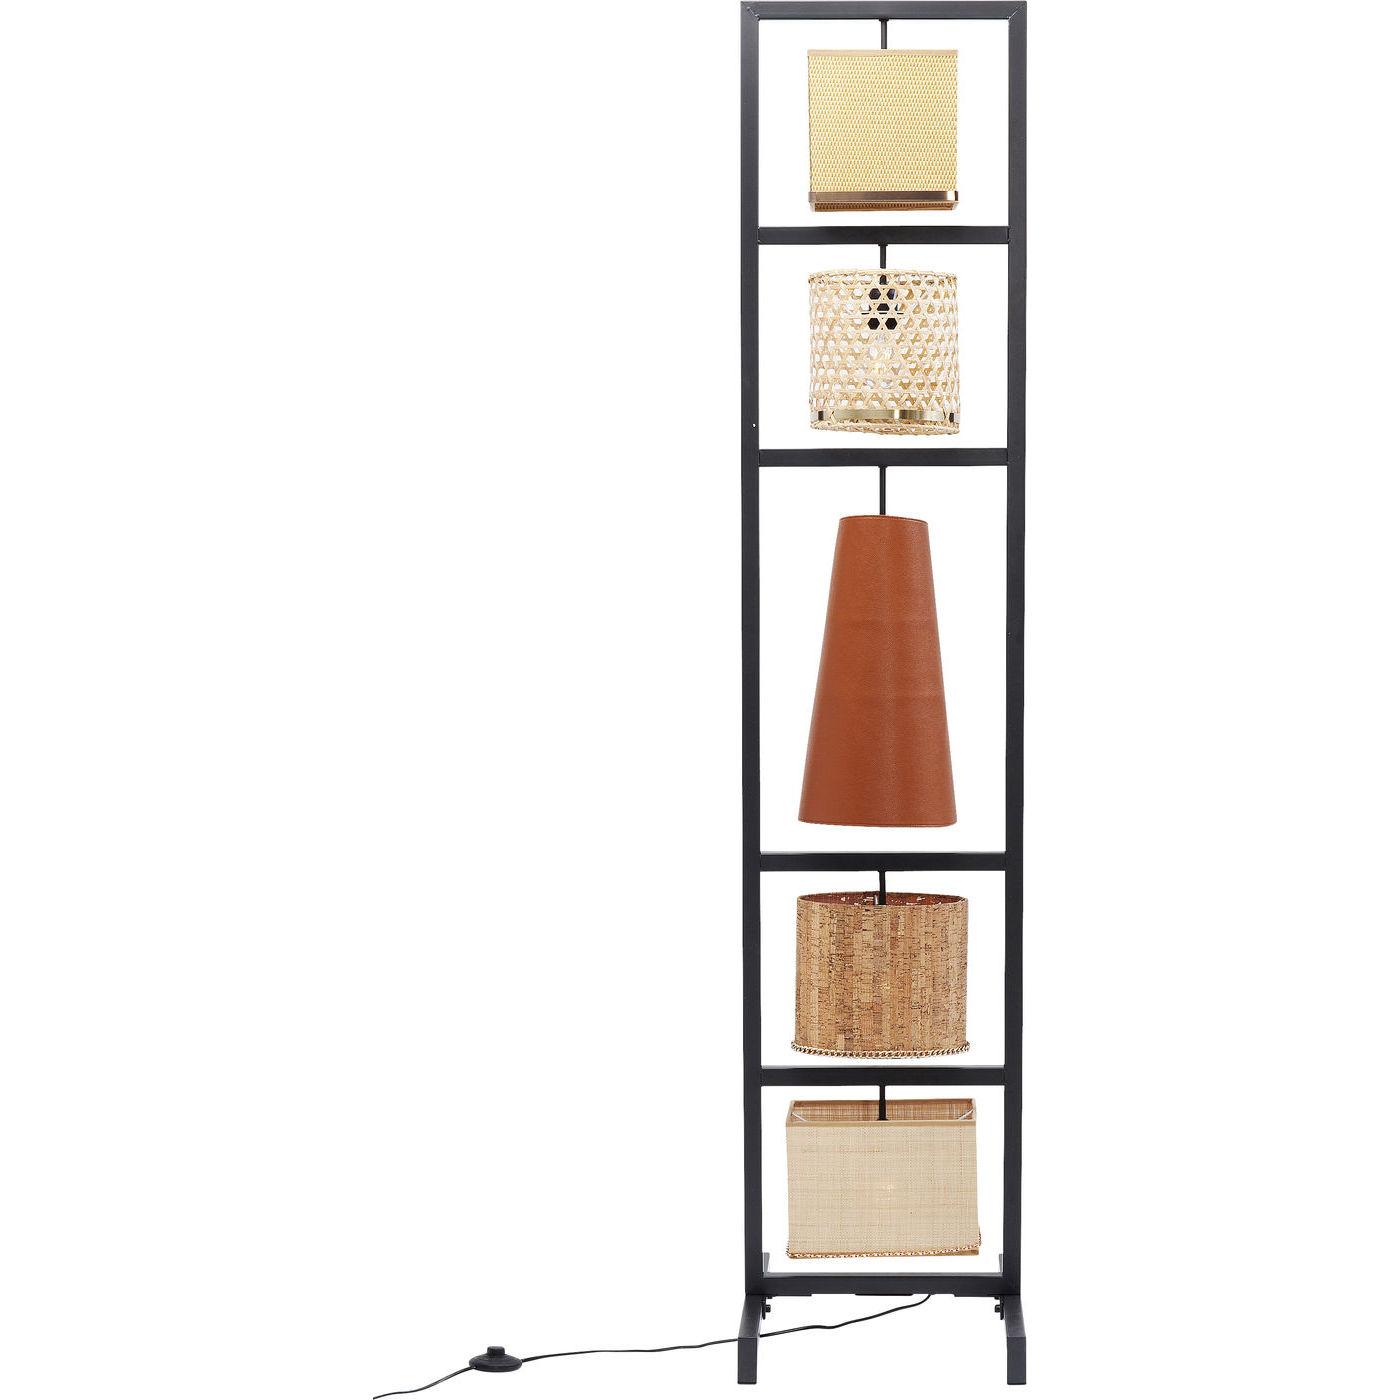 kare design Kare design parecchi nature gulvlampe - natur stof/rattan/polyresin/plastik og stål (176cm) på boboonline.dk